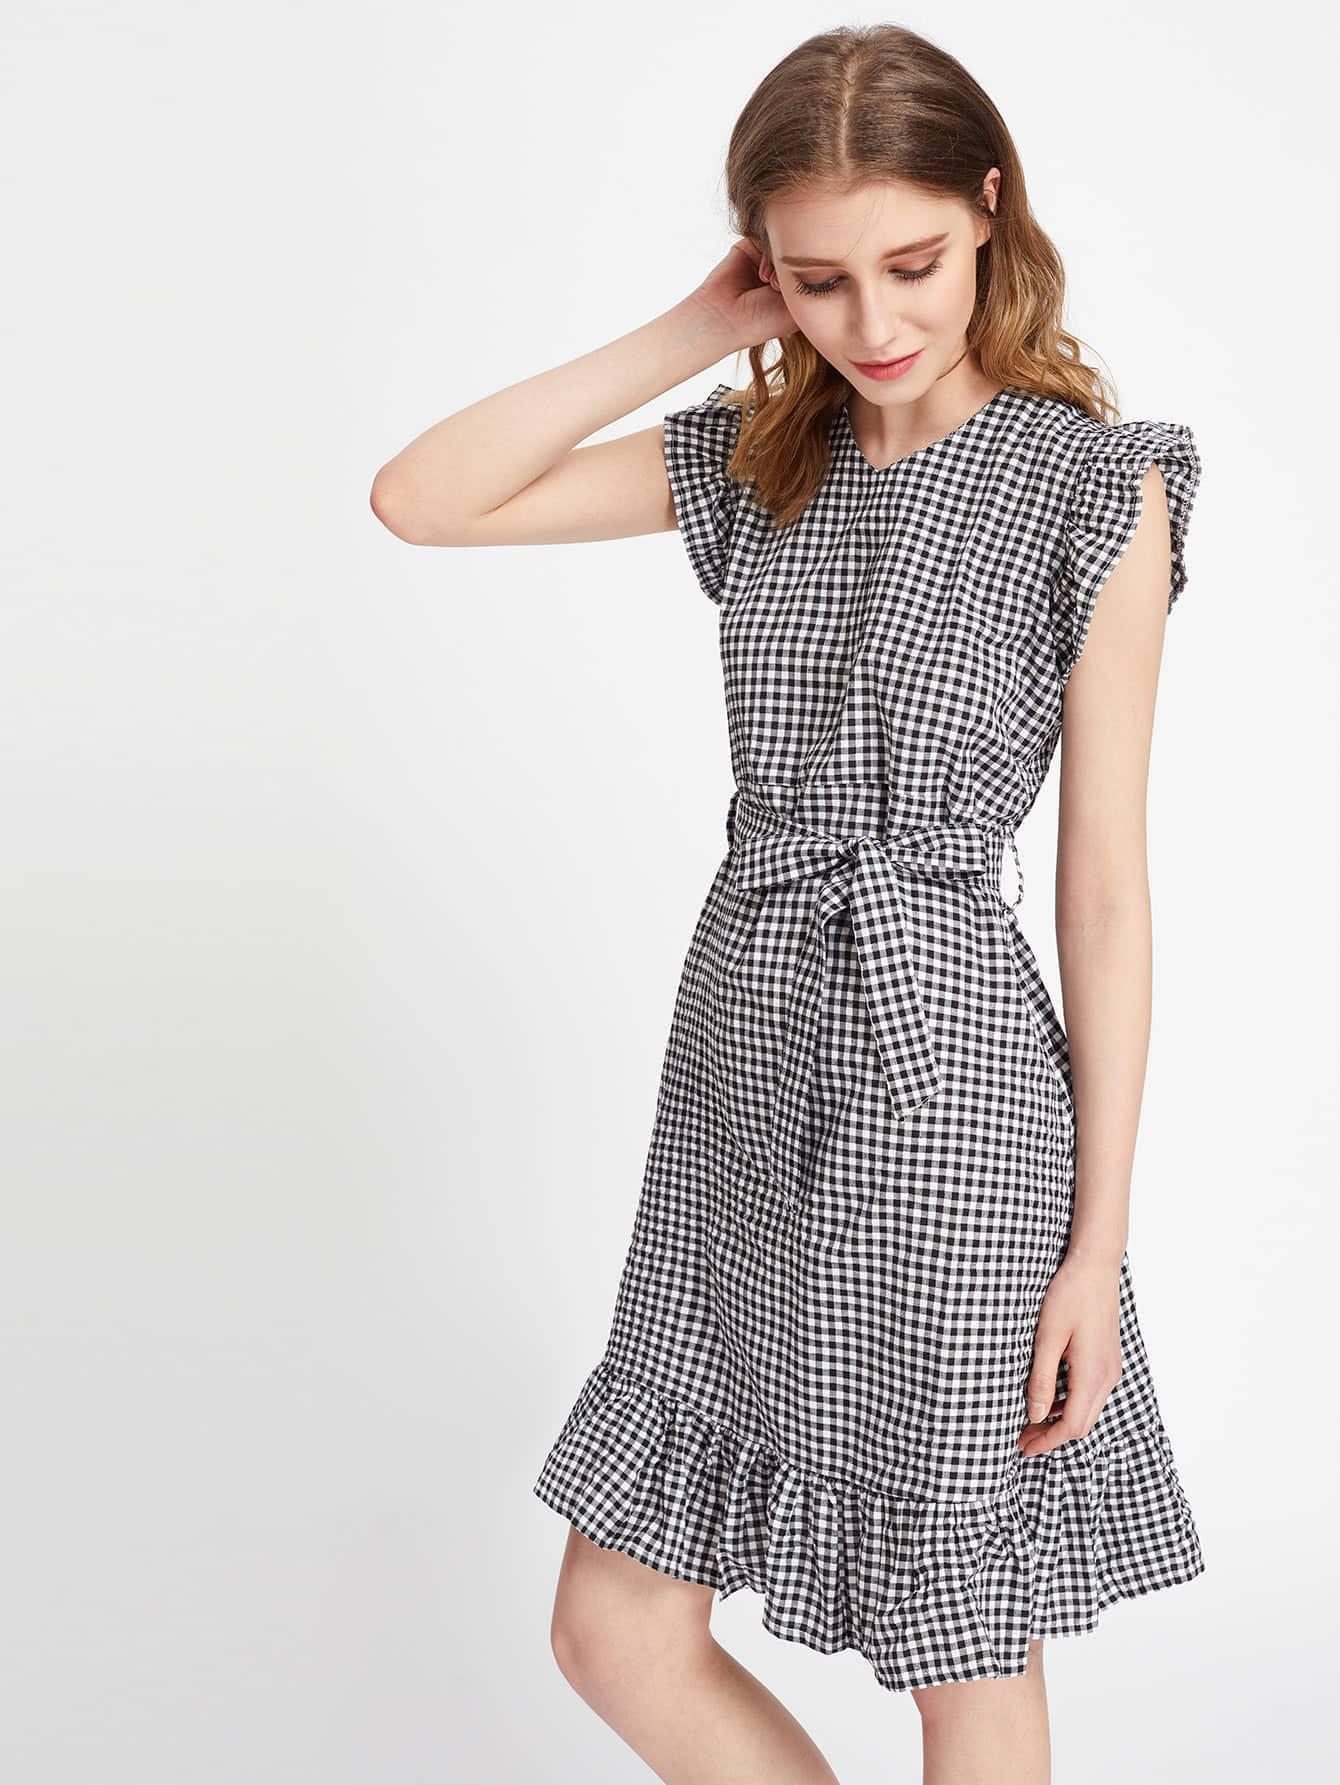 dress170525101_2